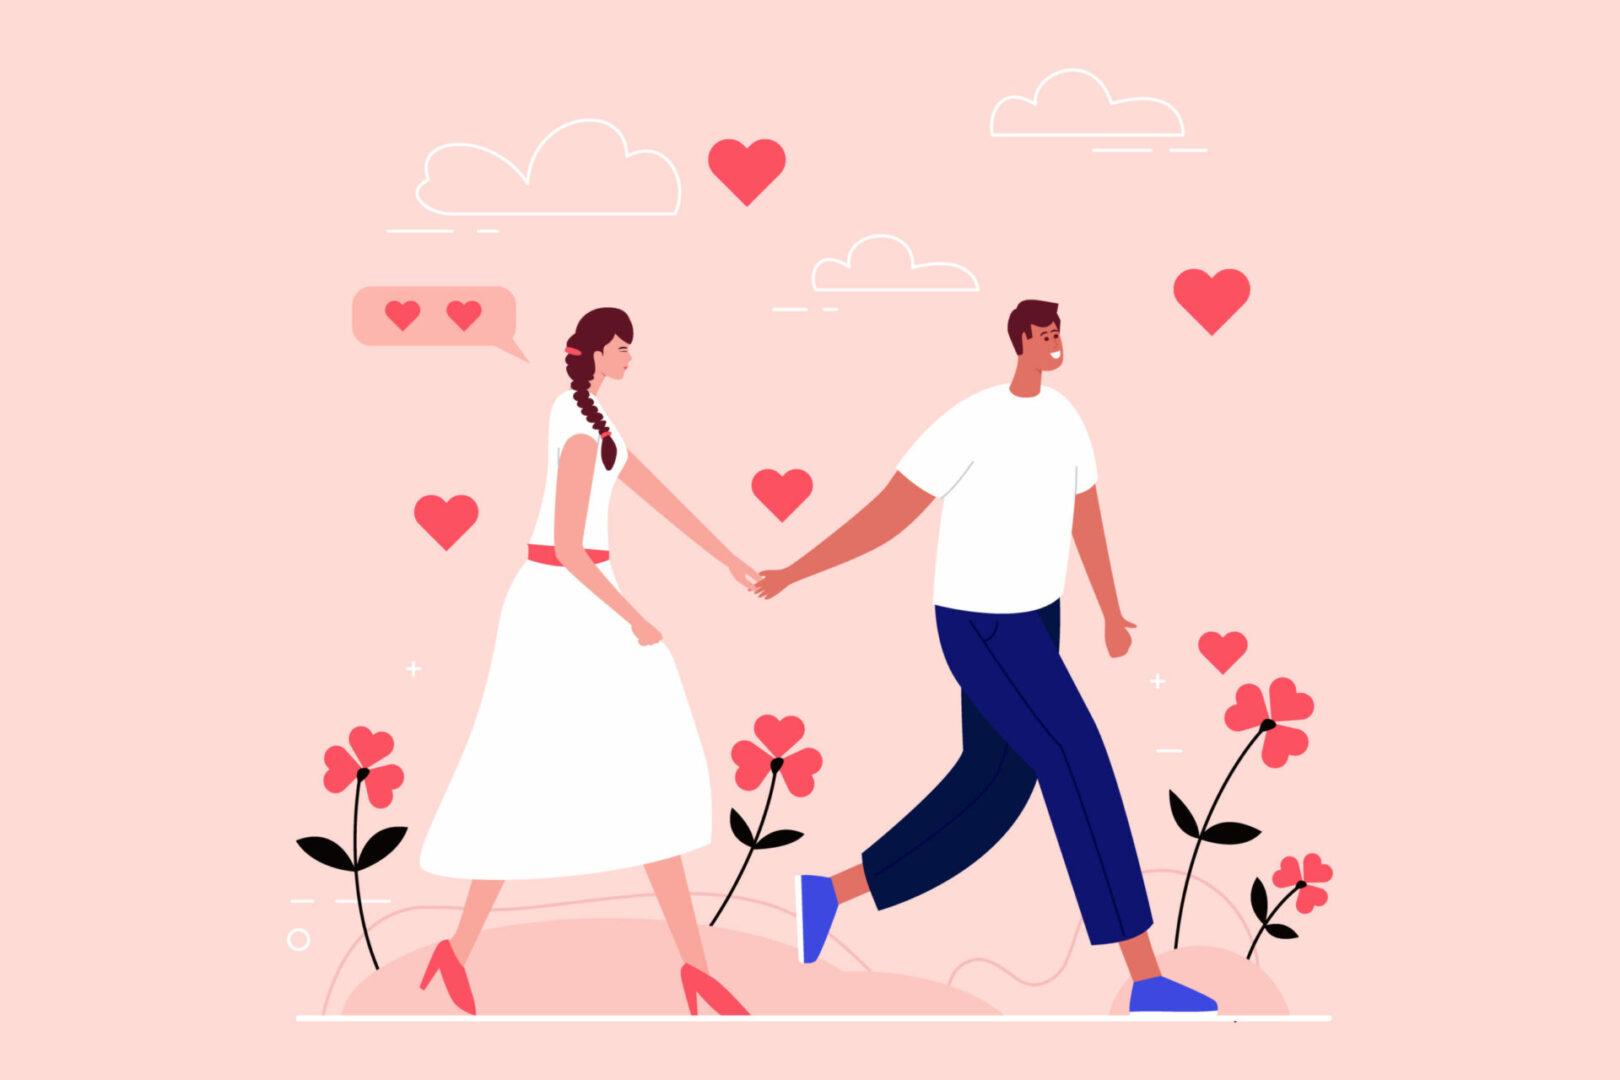 O amor é uma grande conquista Riva Incorporadora